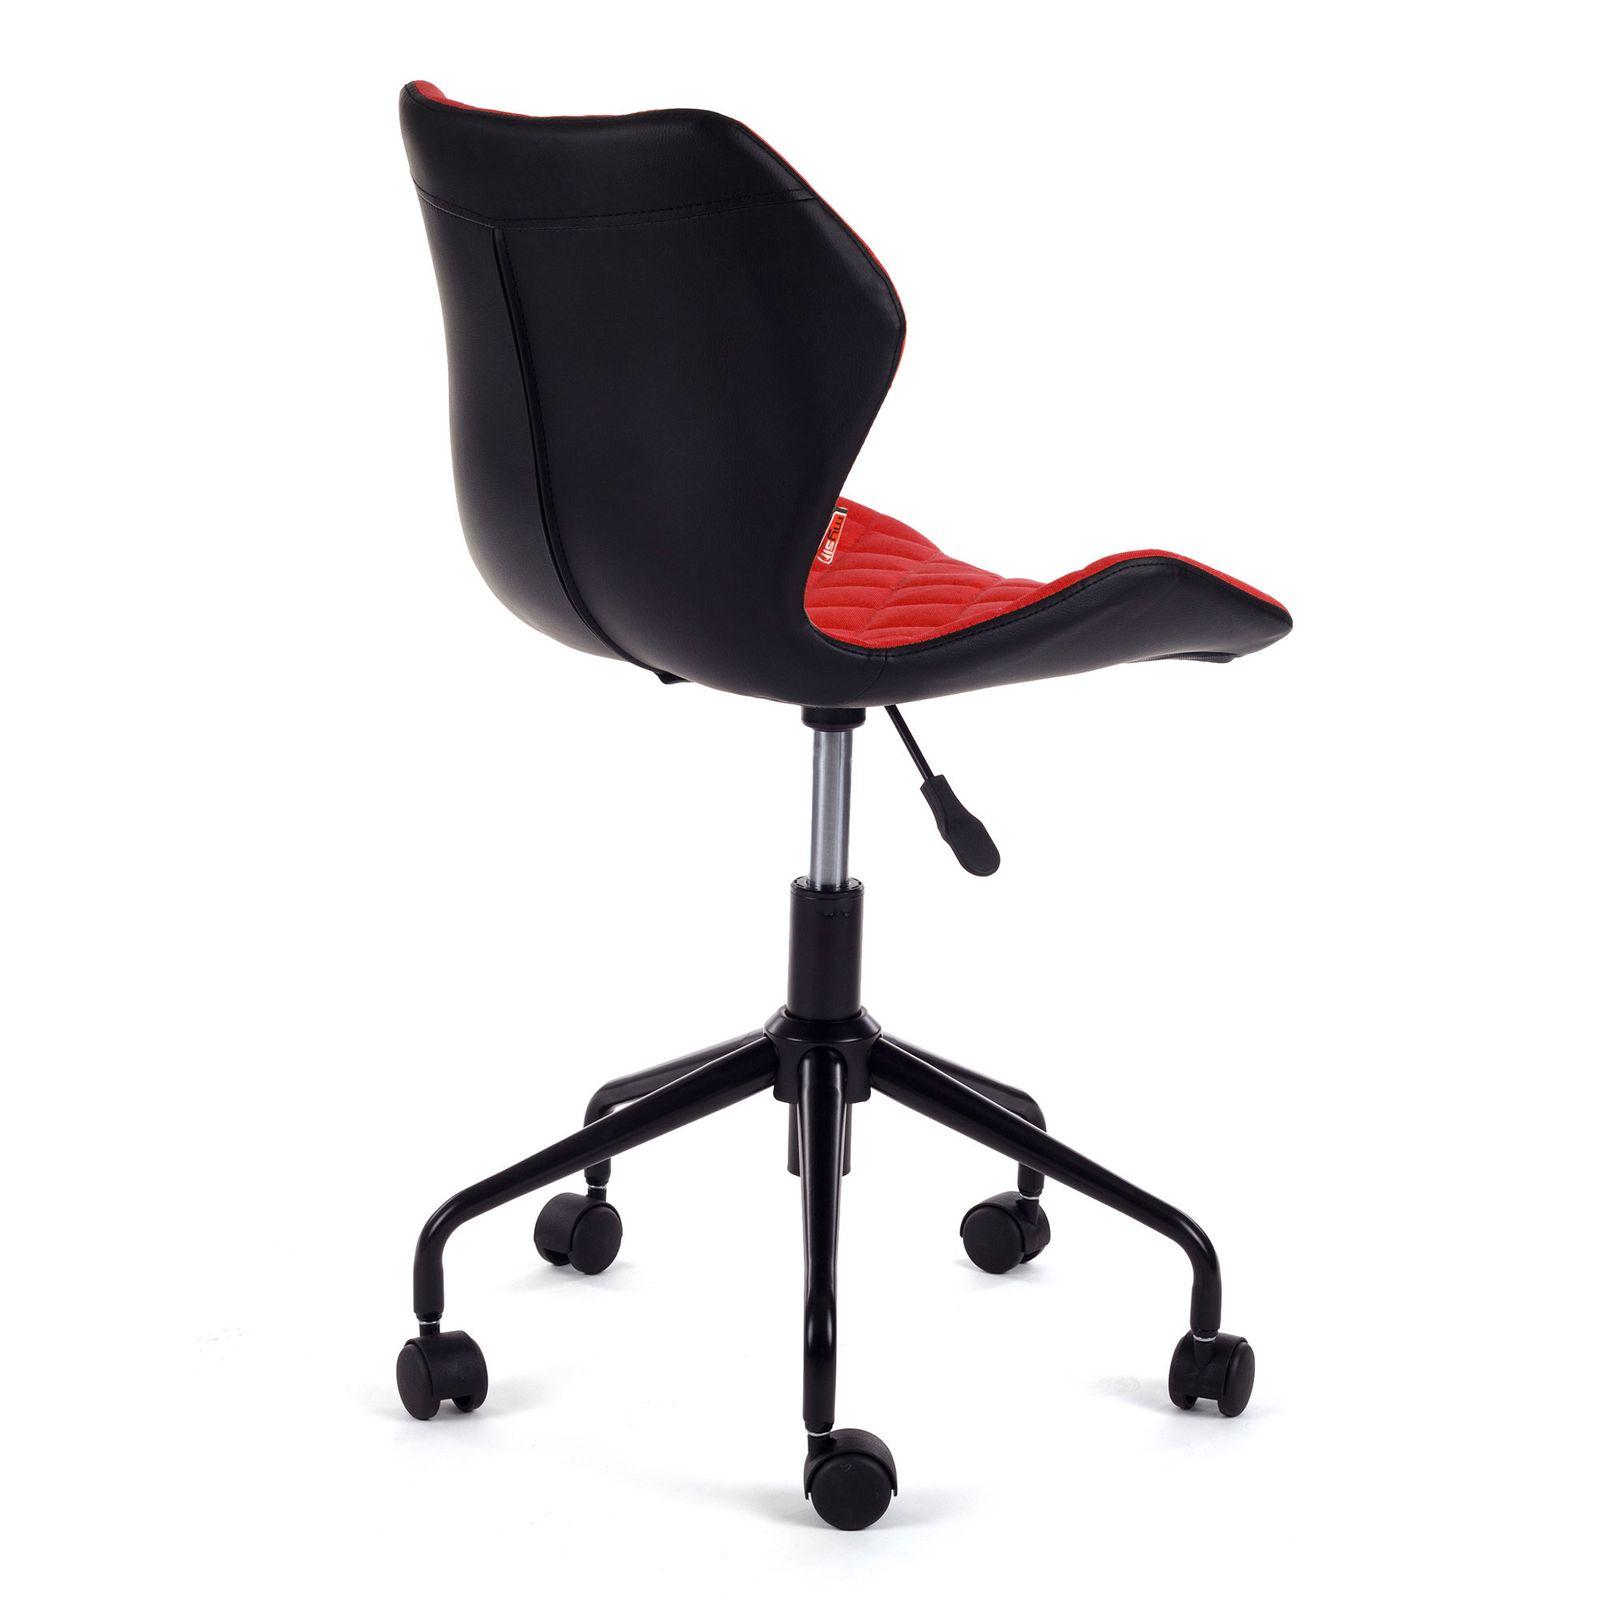 My sit b rostuhl design hocker drehstuhl stuhl ino rot for Design stuhl rot